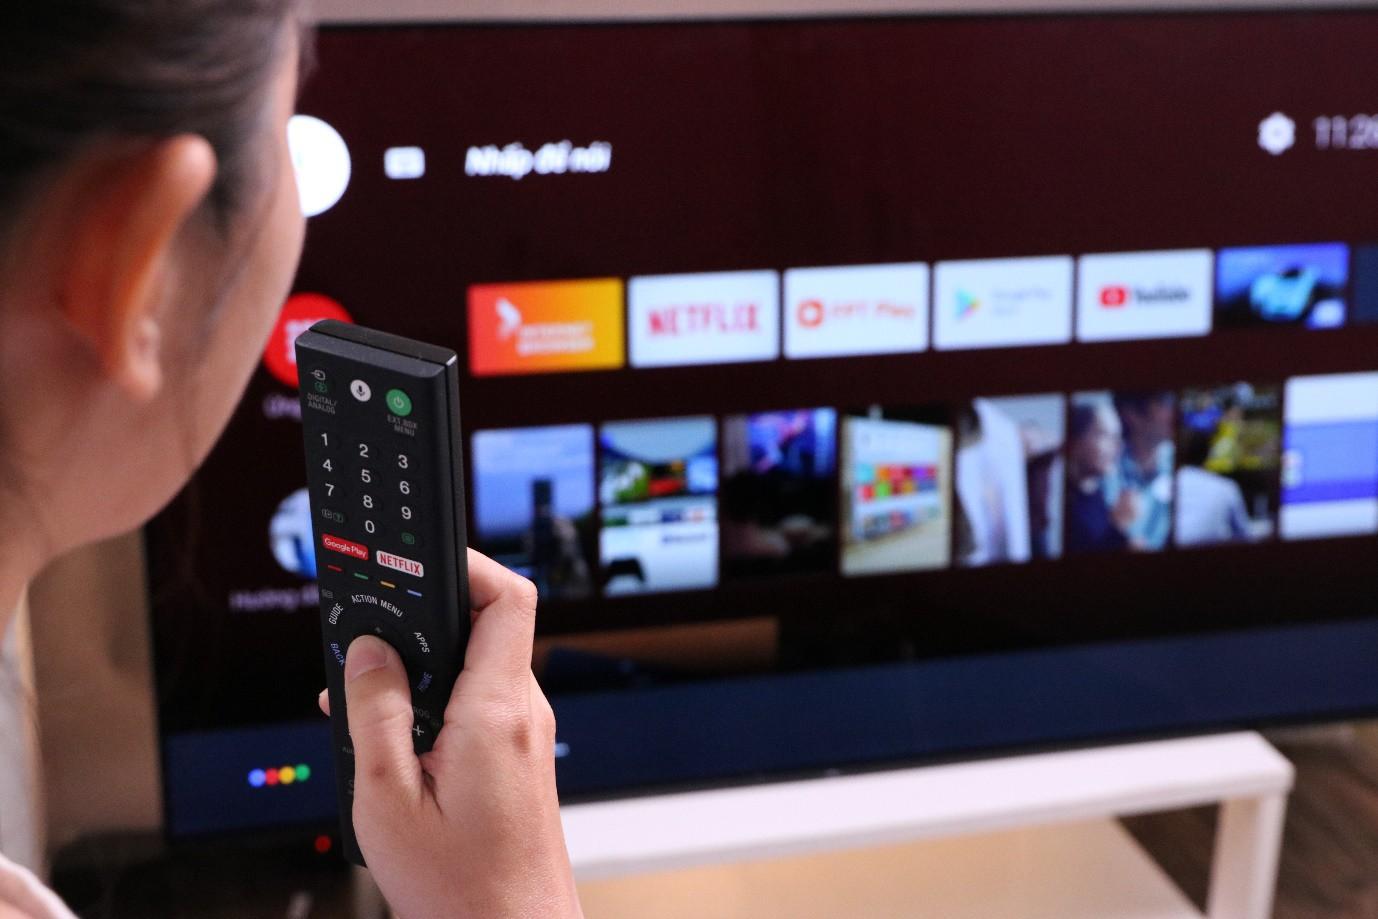 Cả thế giới giải trí bỗng chốc thu bé lại trong chiếc Sony Android TV - Ảnh 3.